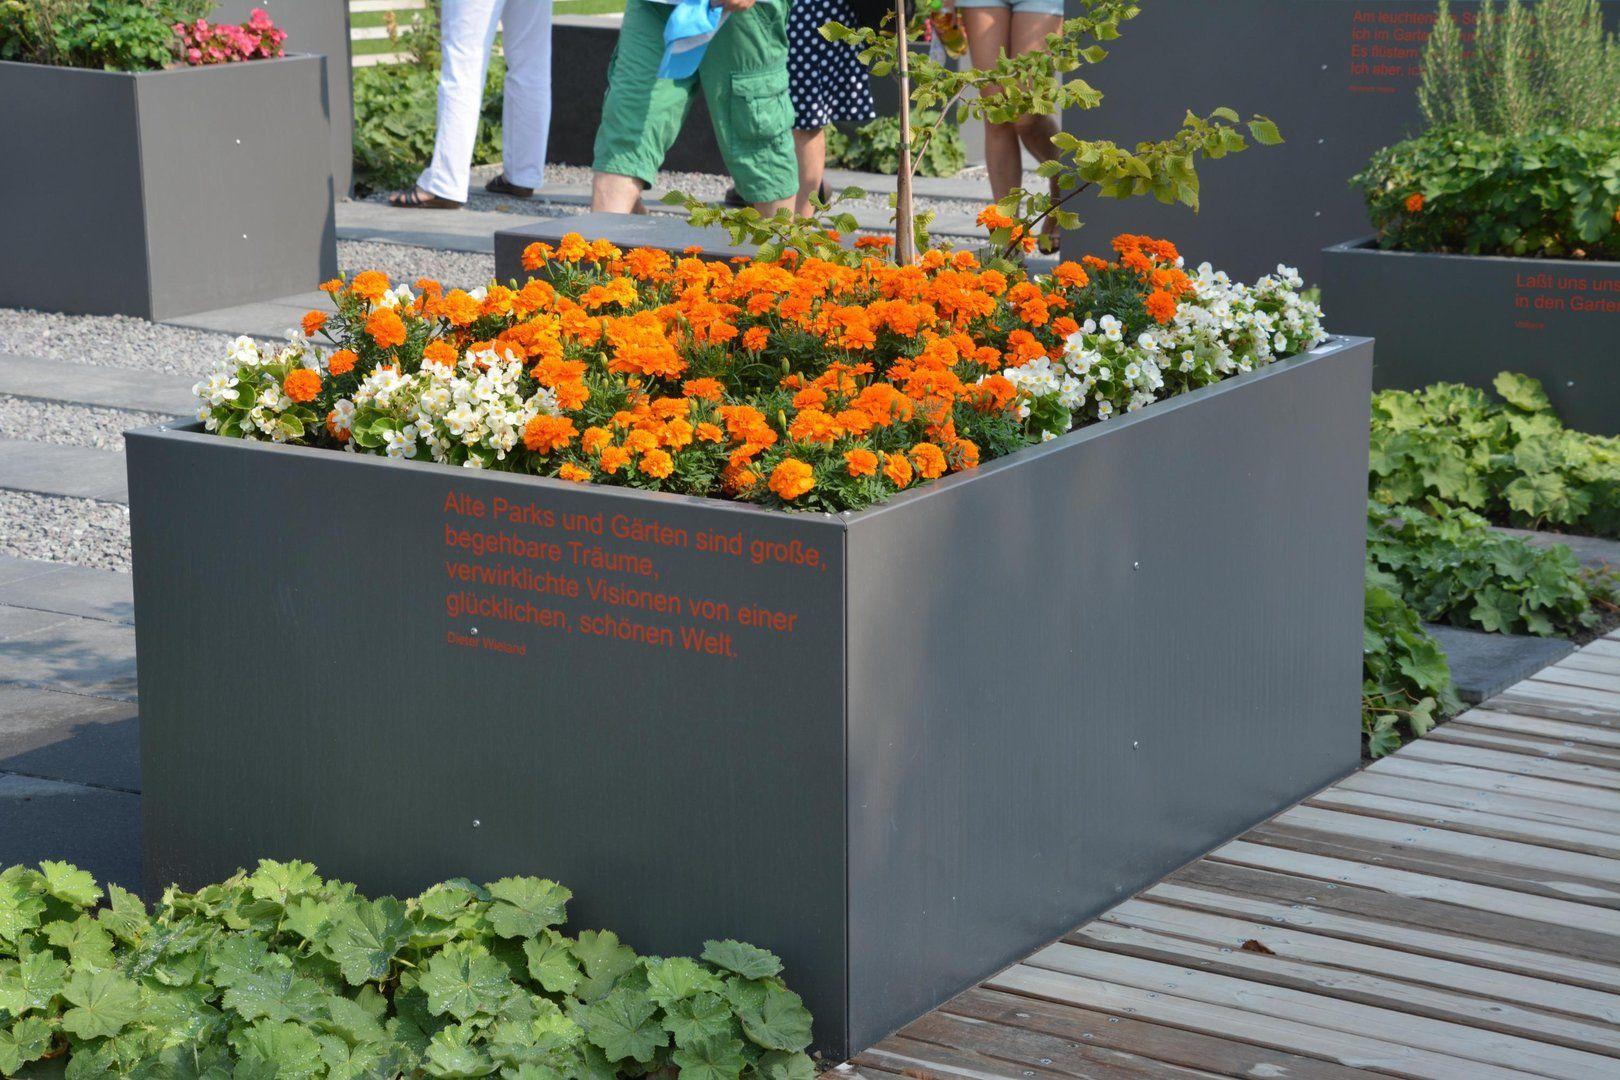 Hochbeet Urban Metall 0 3 X 0 3 M Hohe 0 5 M Beschichtet Hochbeet Vorgarten Modern Und Garten Hochbeet